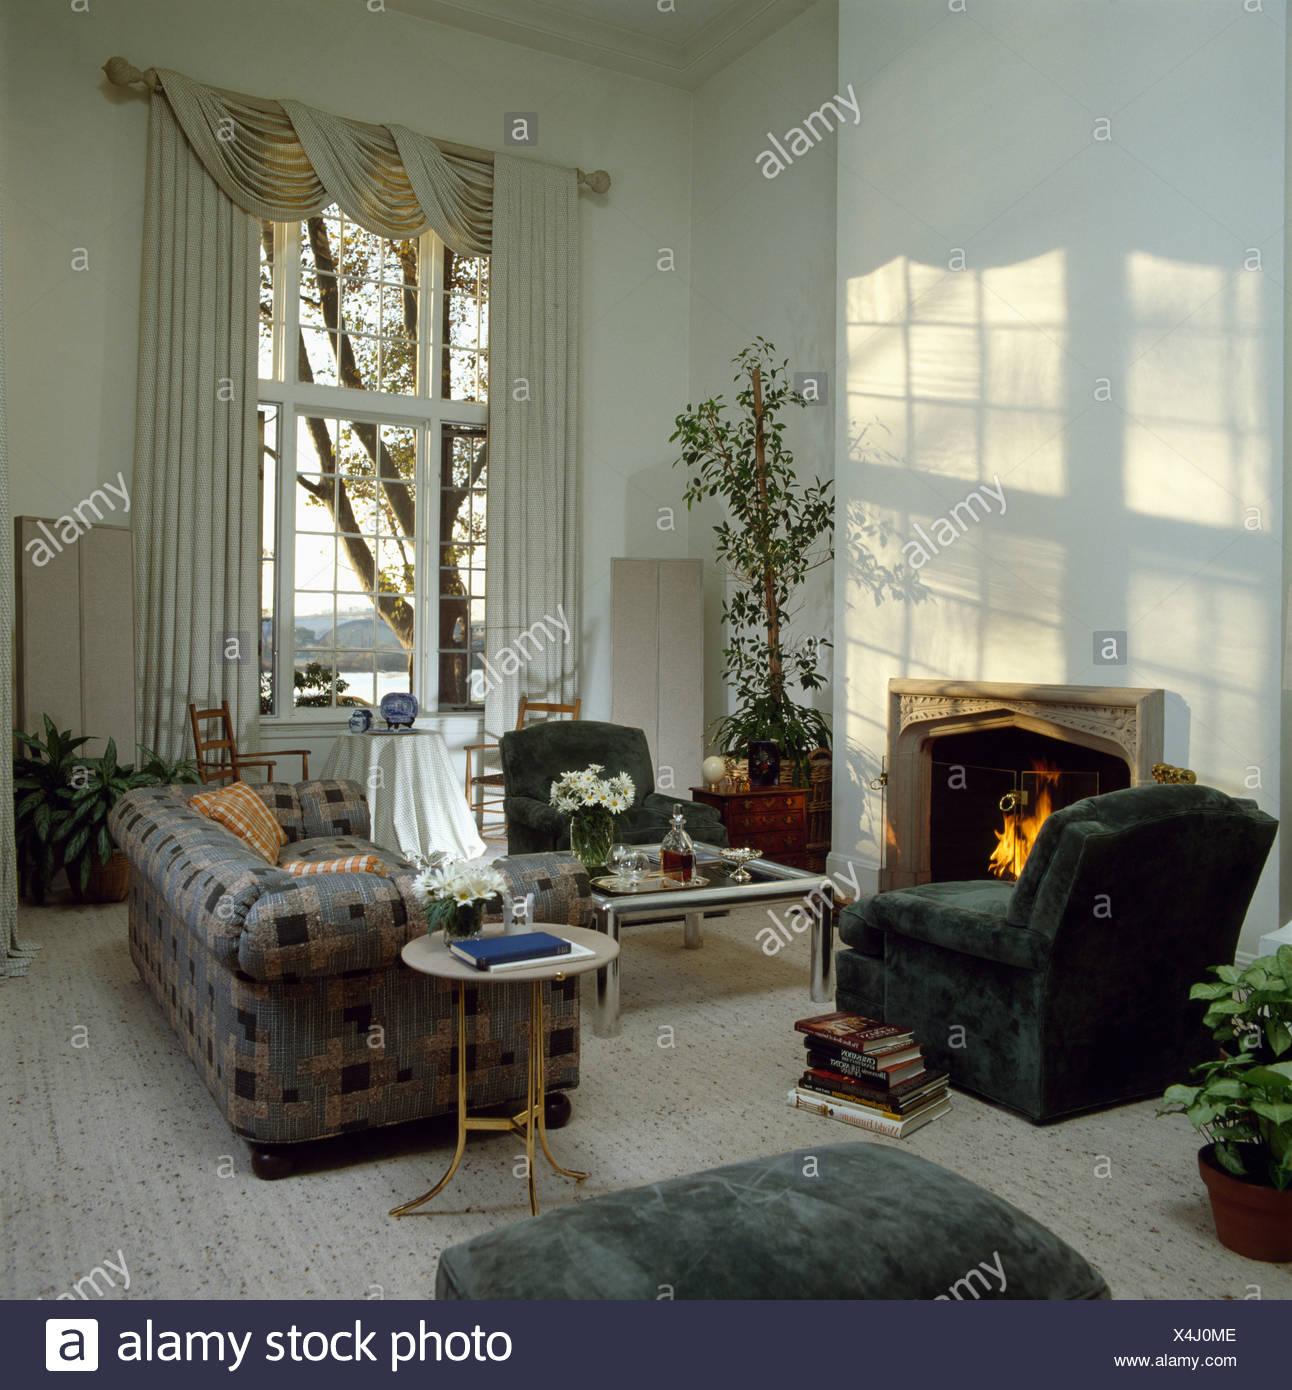 Chesterfield Sofa Und Grun Velours Stuhl Im Wohnzimmer Mit Dem